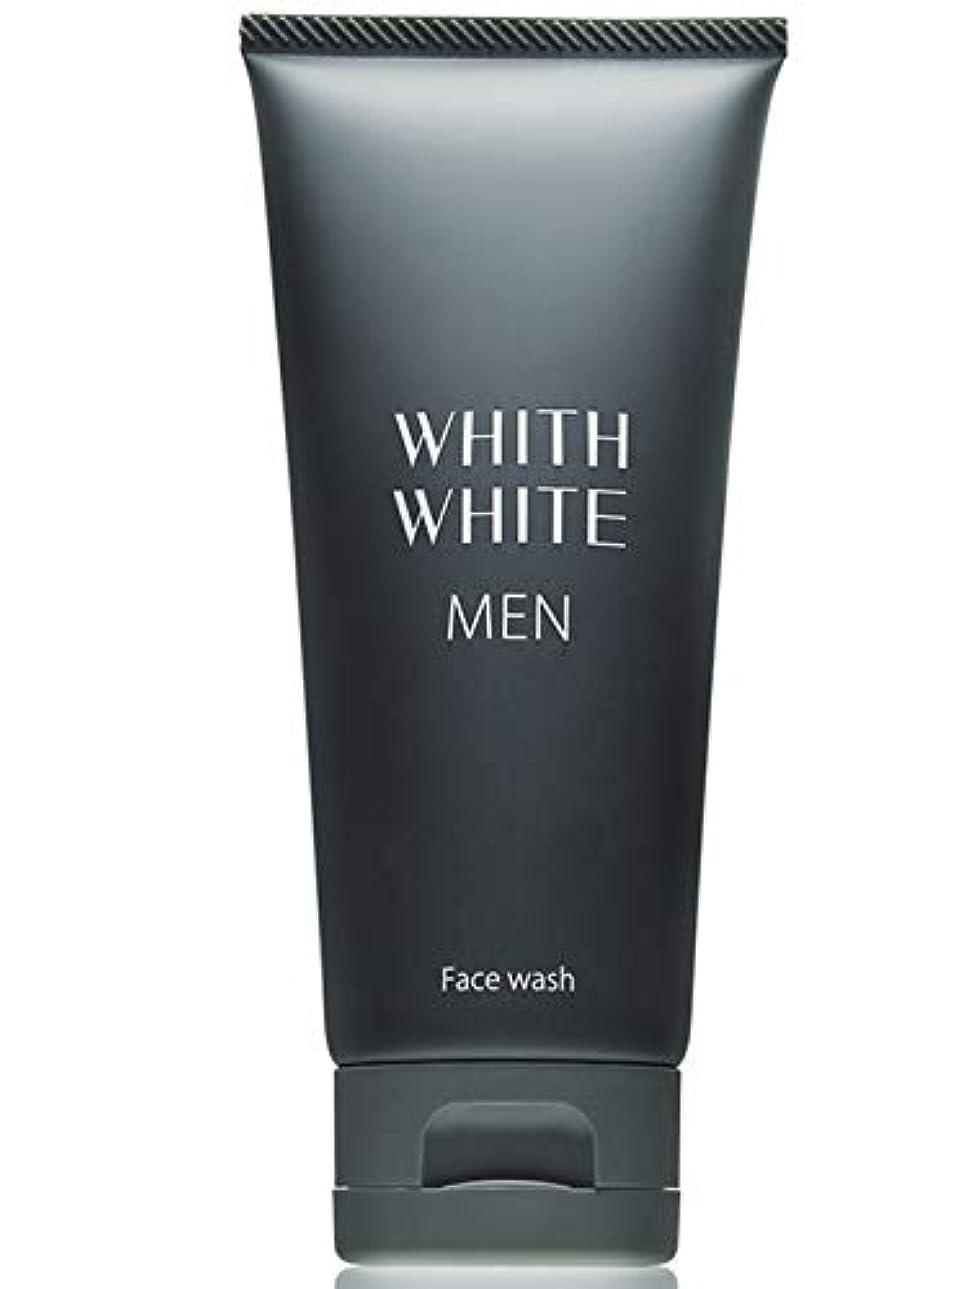 アンカー杖不十分洗顔 メンズ 医薬部外品 【 男 の しみ くすみ 対策 】 フィス ホワイト 「 30代~50代の 男性 専用 洗顔フォーム 」「 保湿 ヒアルロン酸 配合 洗顔料 」(男性用 スキンケア 化粧品 )95g